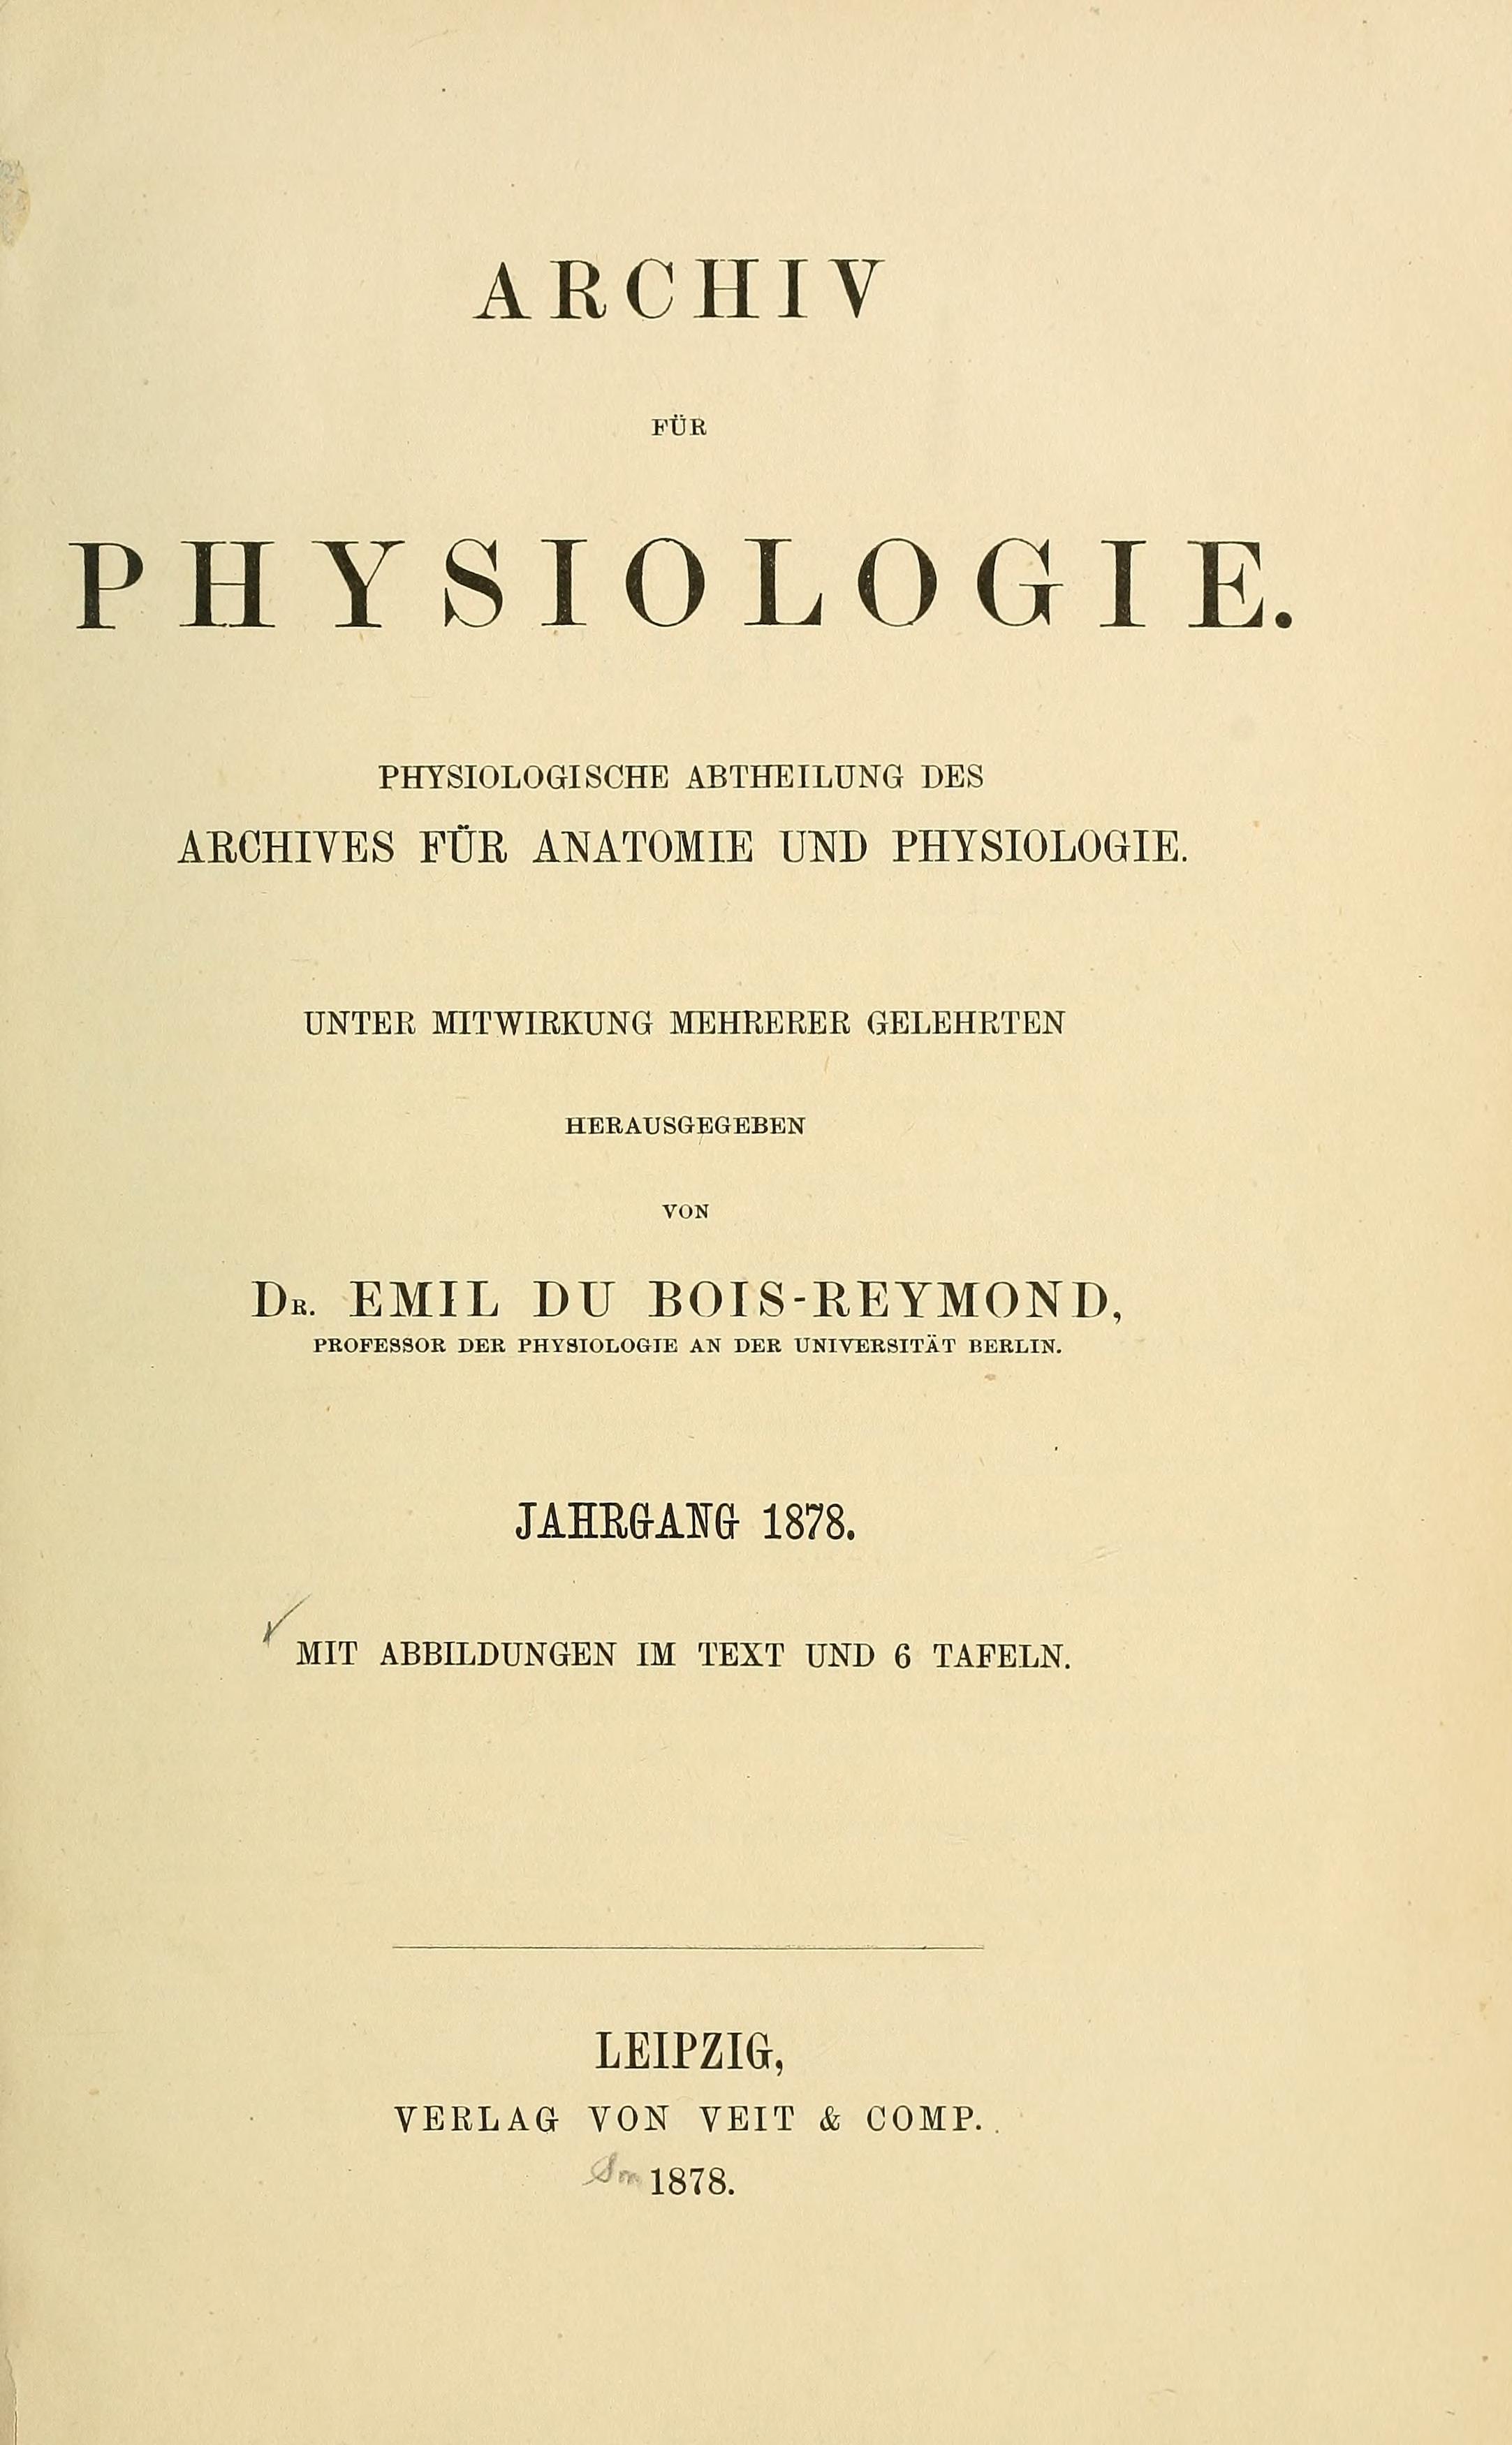 Archiv für Physiologie title page 1878.jpg